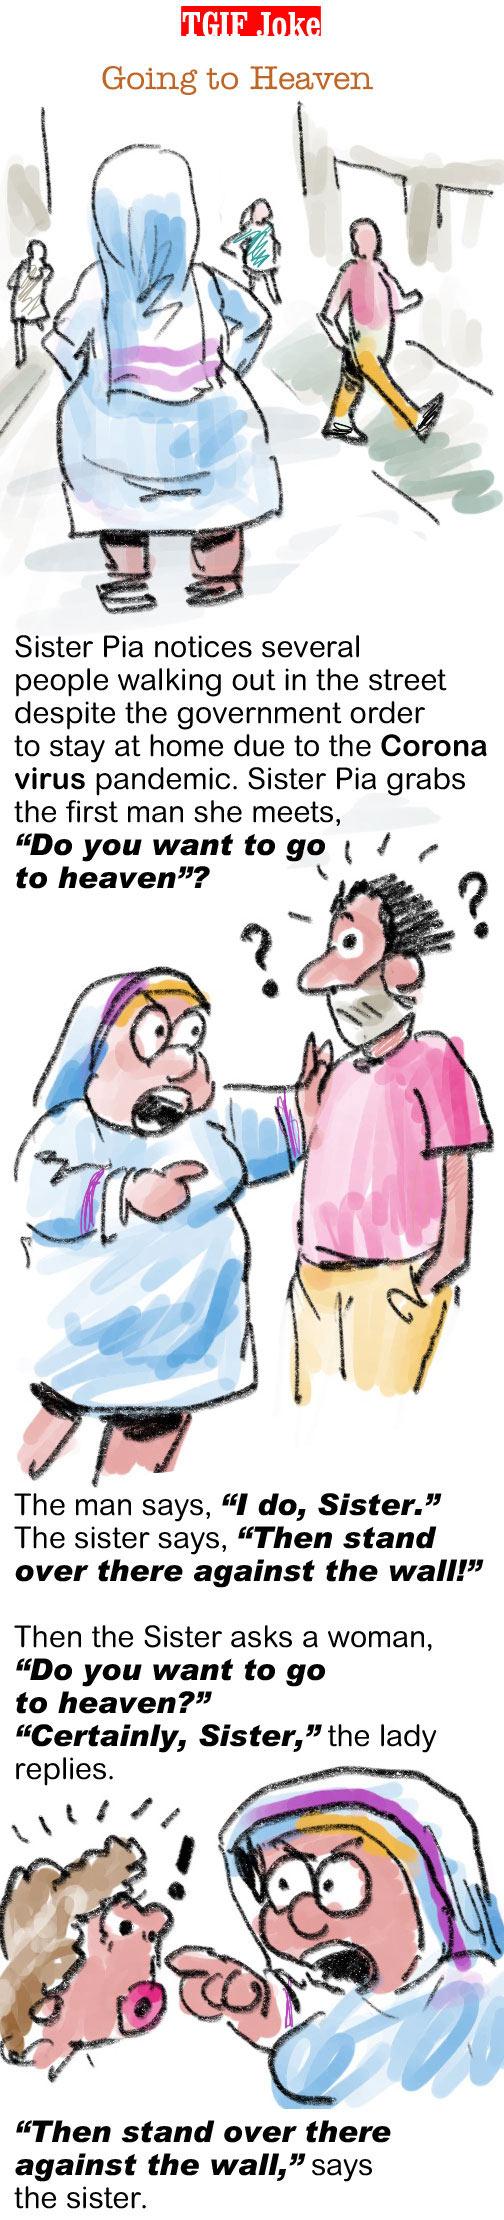 TGIF Joke of the Week: Going to Heaven 1